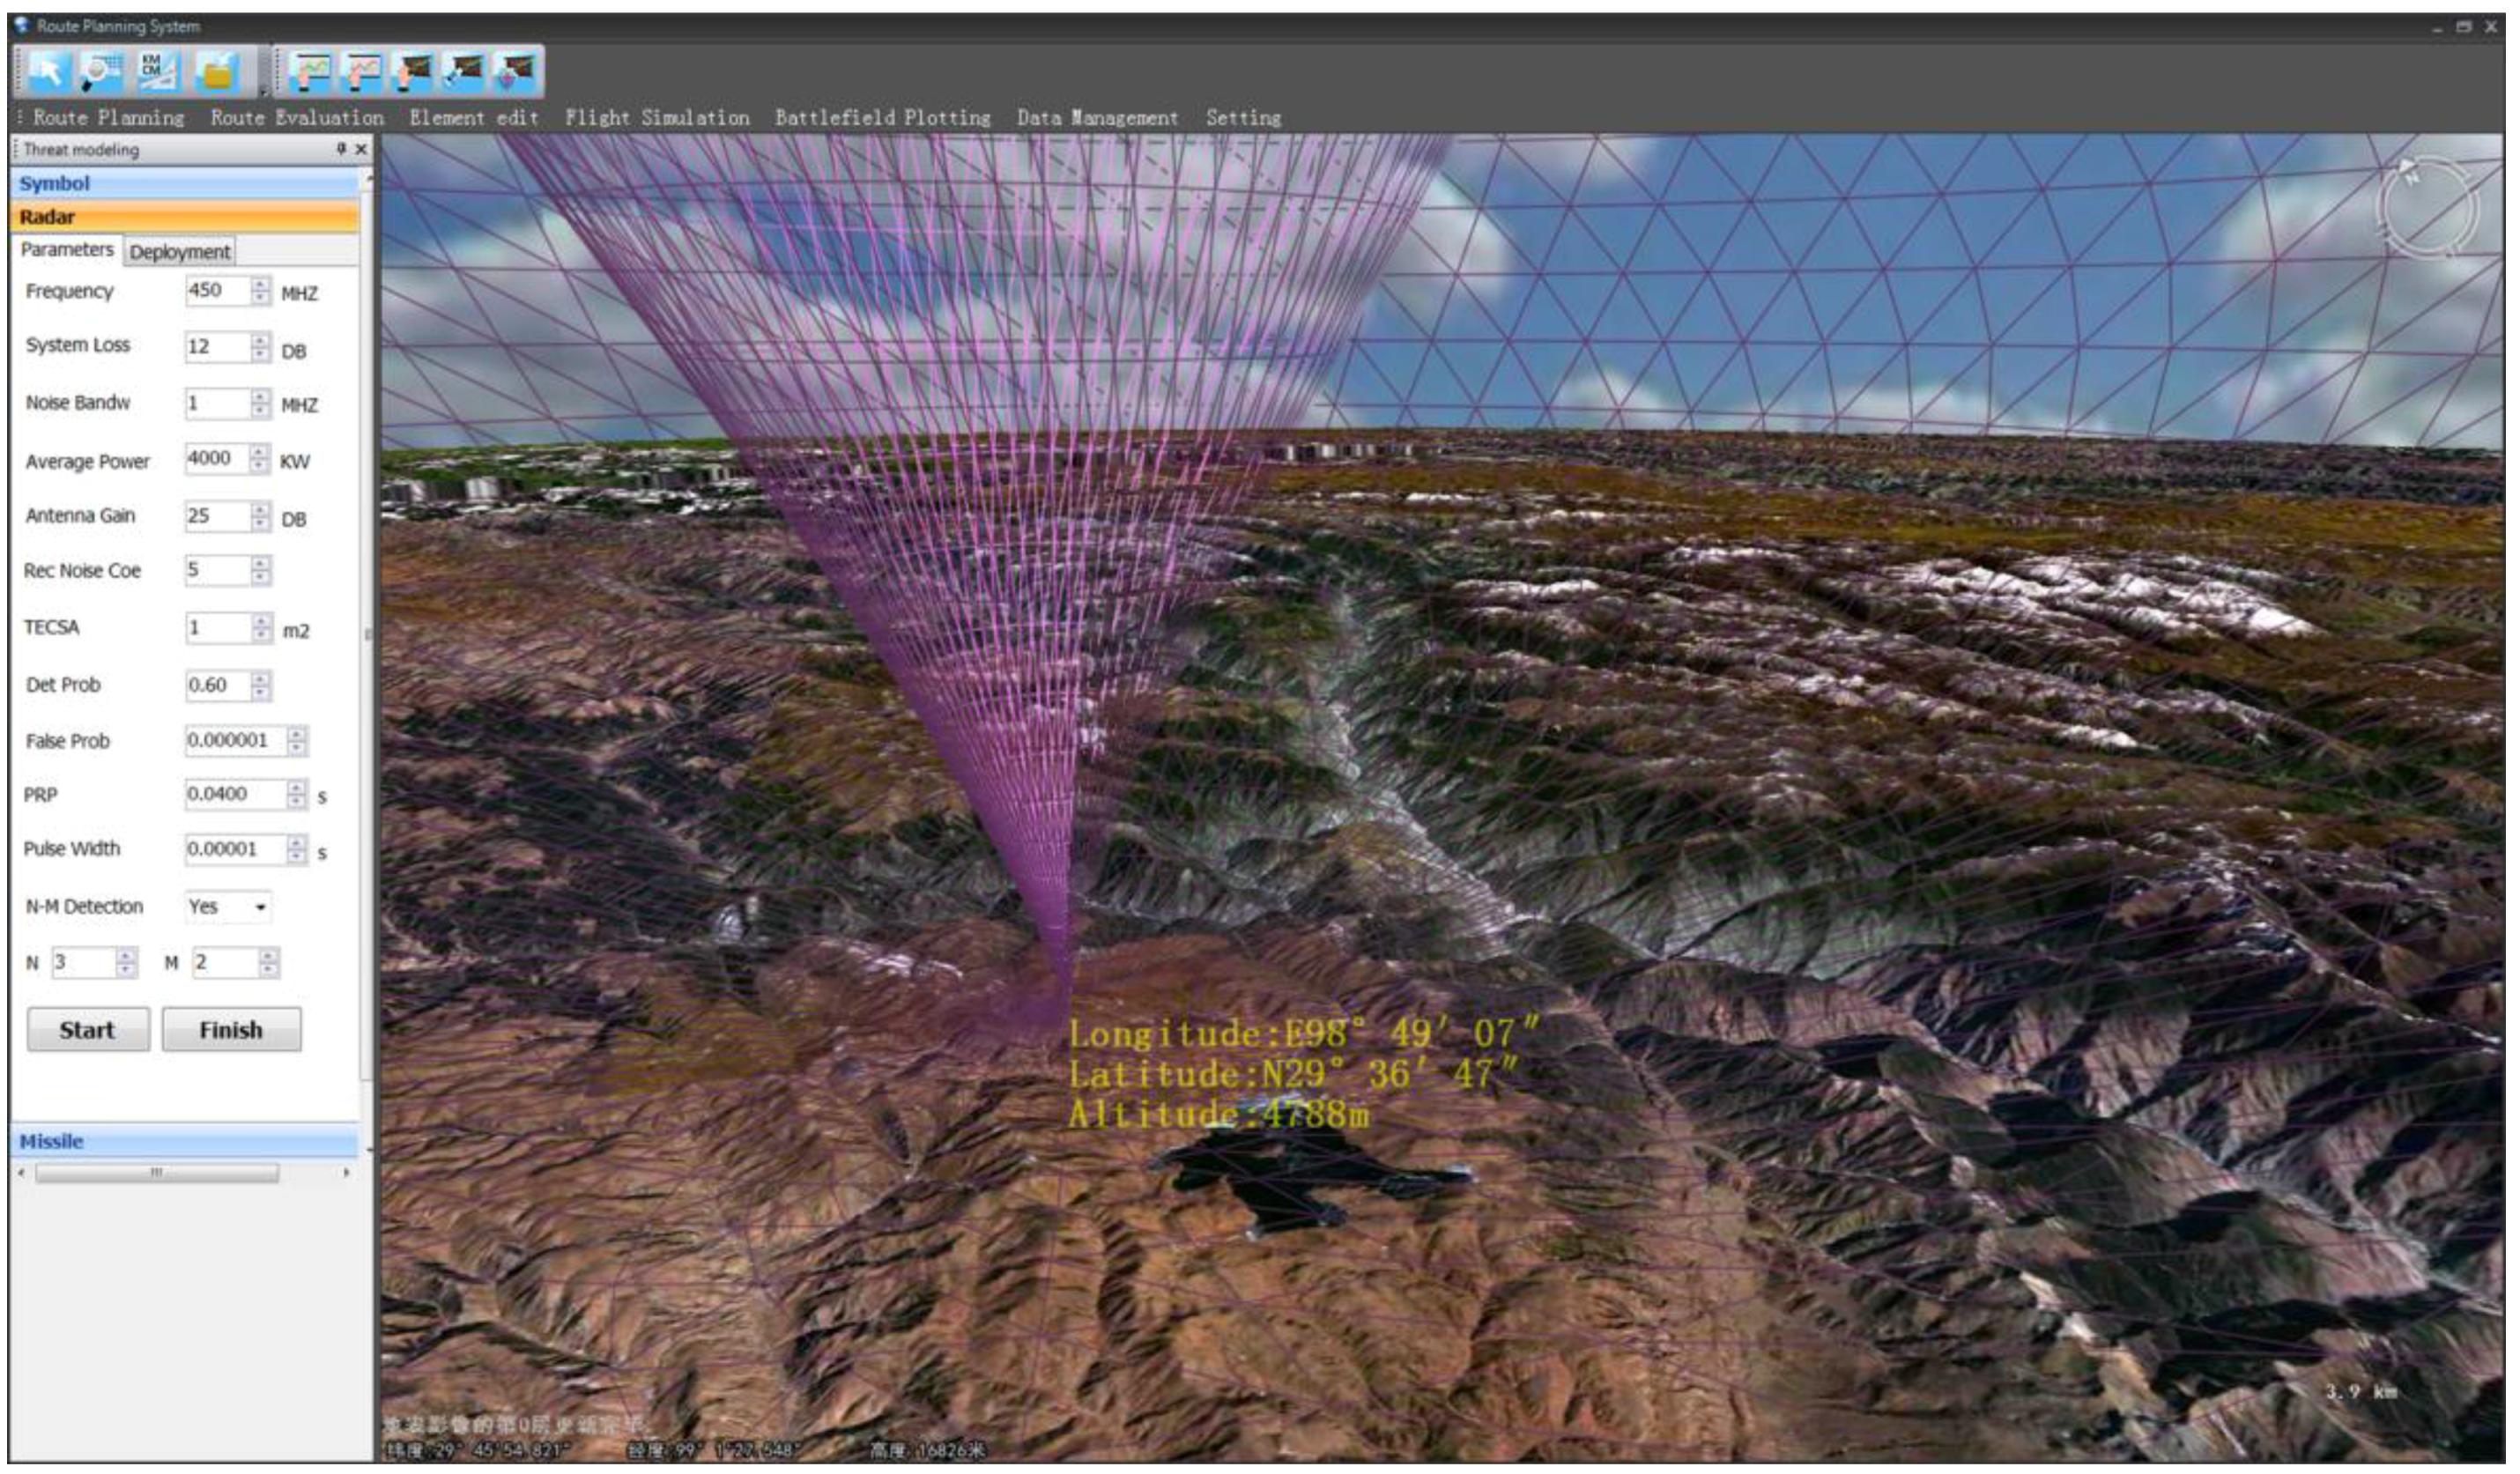 Route-planning software guides autonomous drones through cluttered spaces